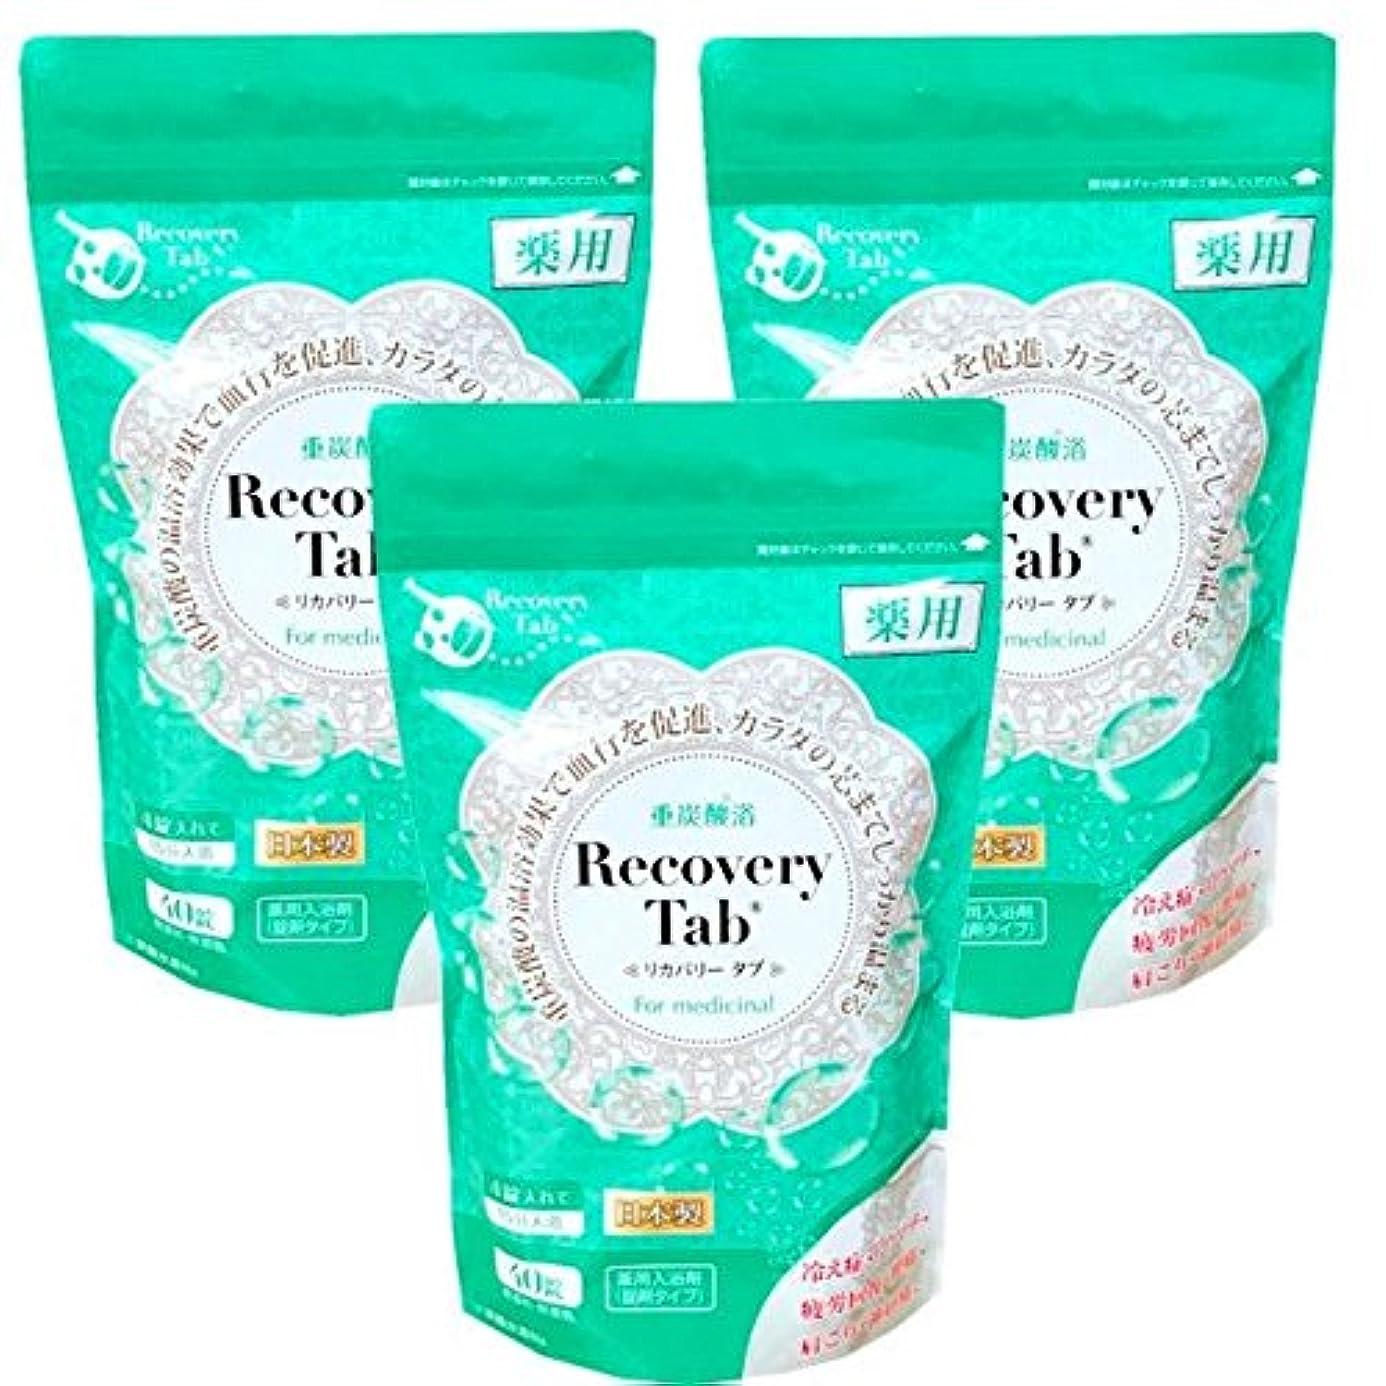 硬化する一口粘り強い薬用リカバリータブ 40錠入 3個セット 薬用入浴剤 日本製